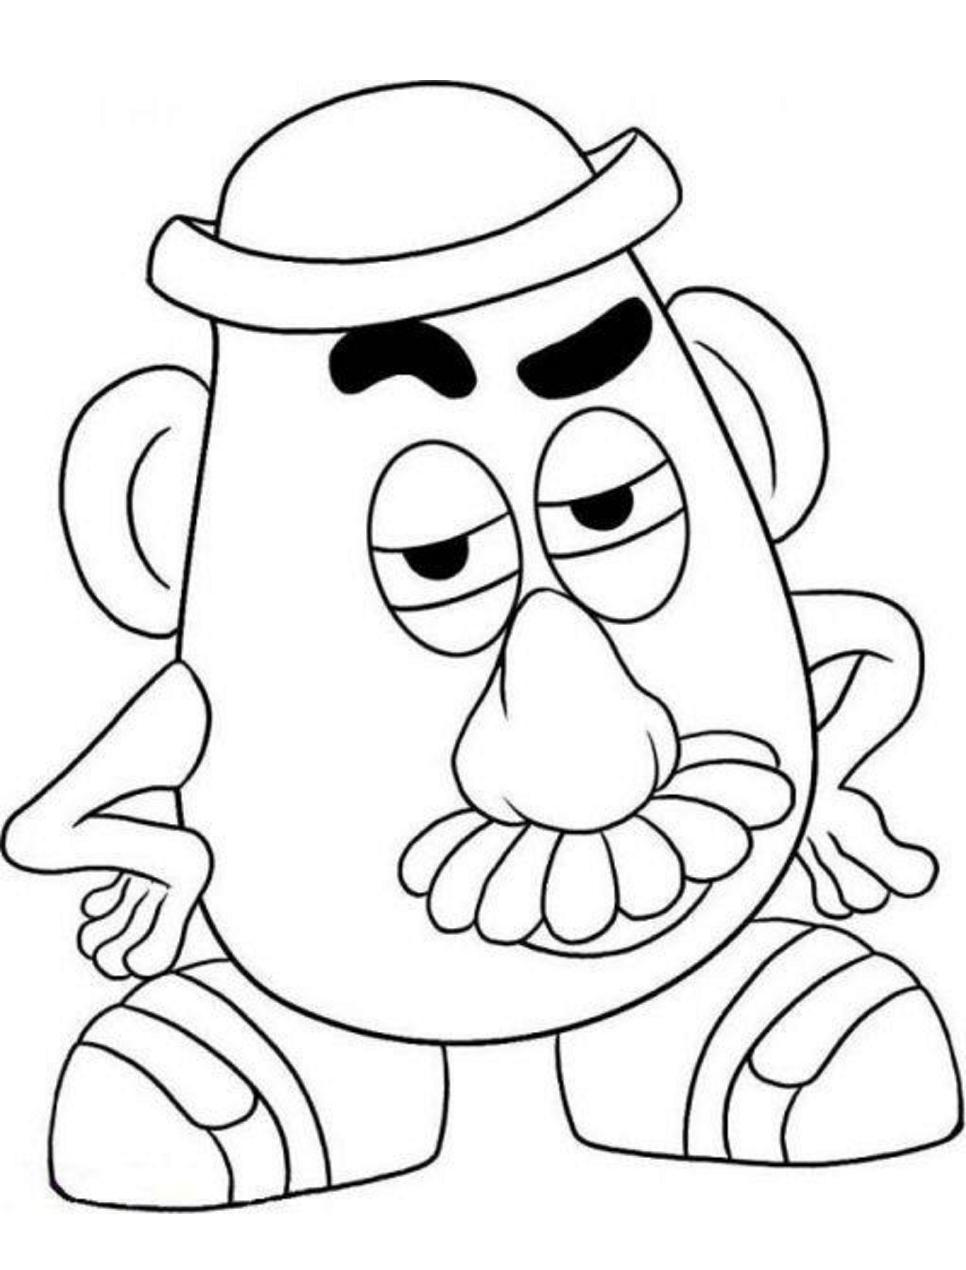 Dibujos De Sr Cara De Papa En Toy Story 4 Para Colorear